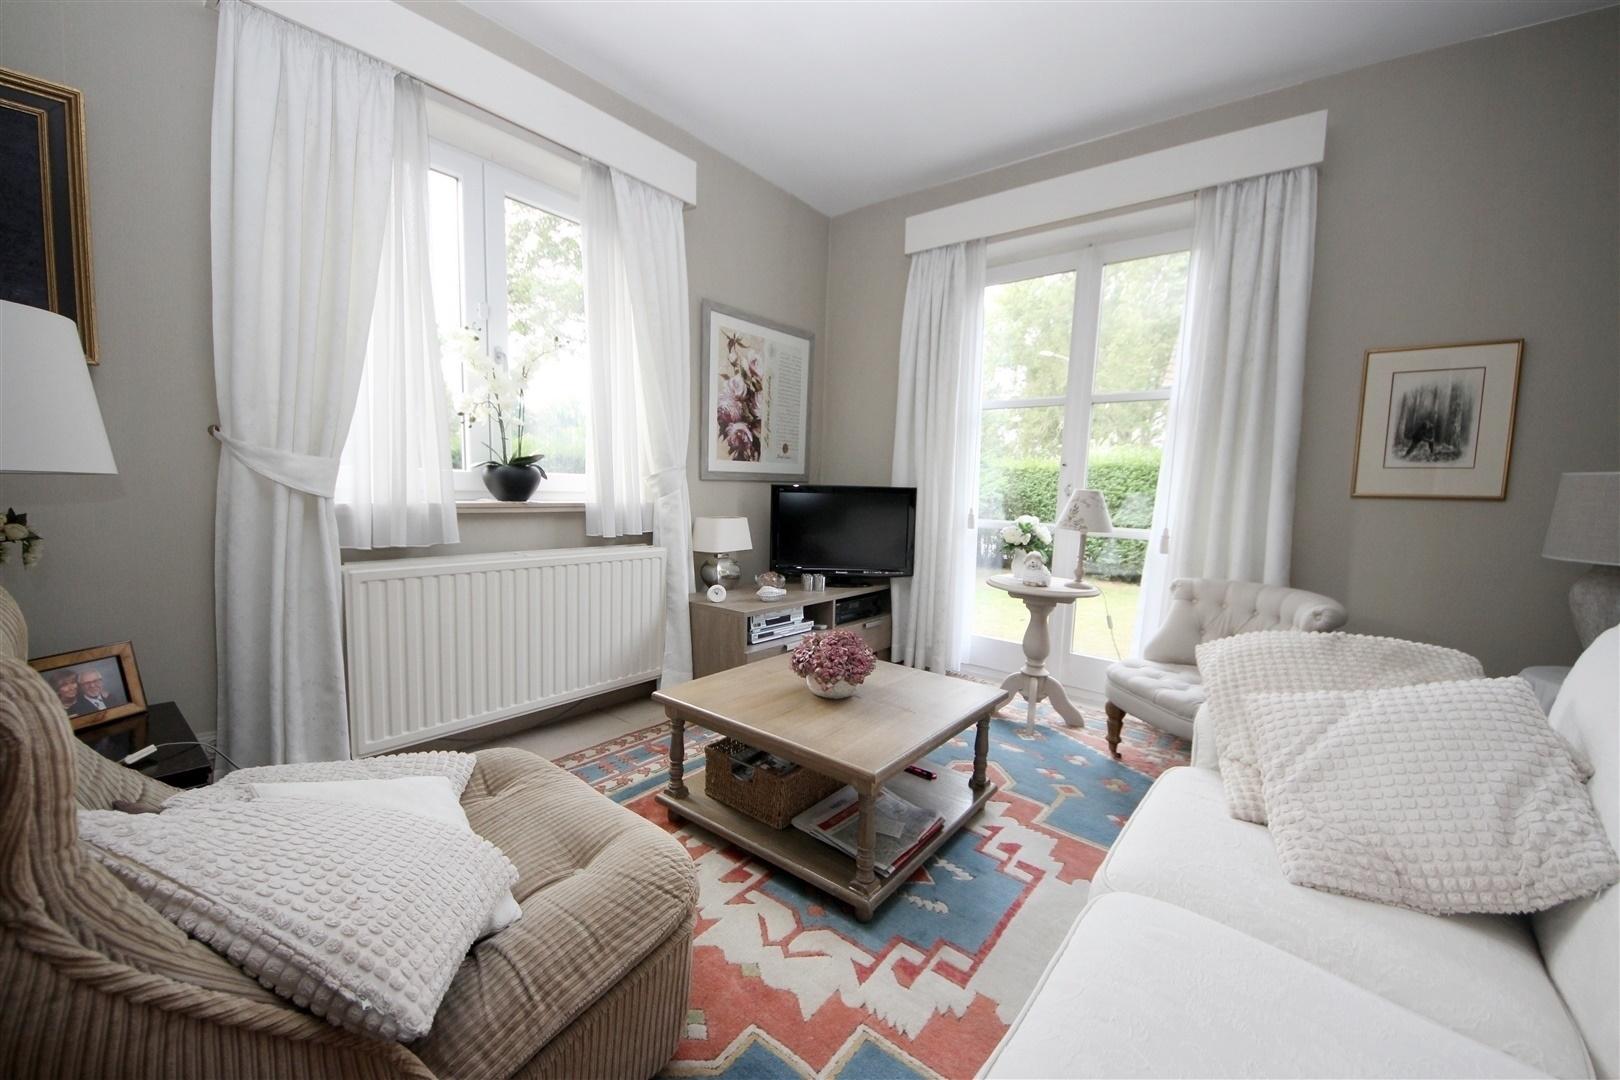 Luxueuze villa met 4 slaapkamers in rustige buurt! - De mooiste ...